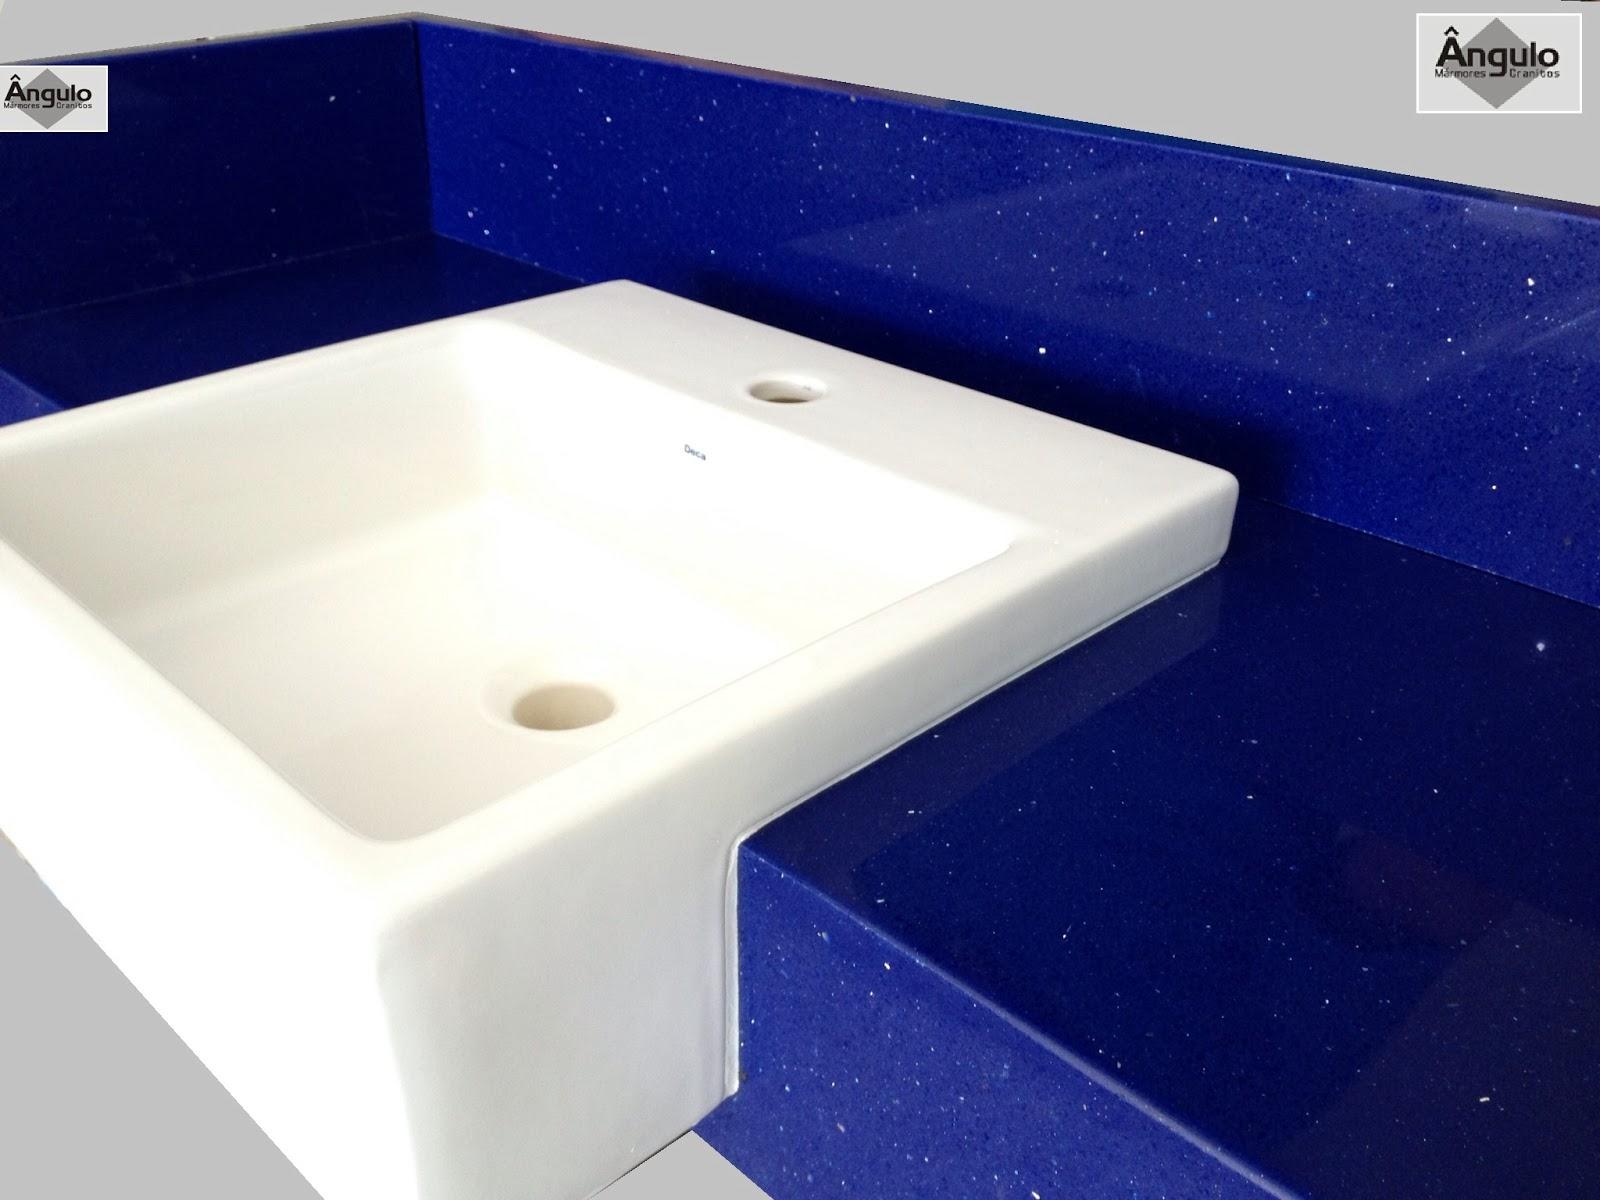 Ângulo Mármores e Granitos: Silestone Azul Stellar #050A43 1600x1200 Banheiro Com Azul